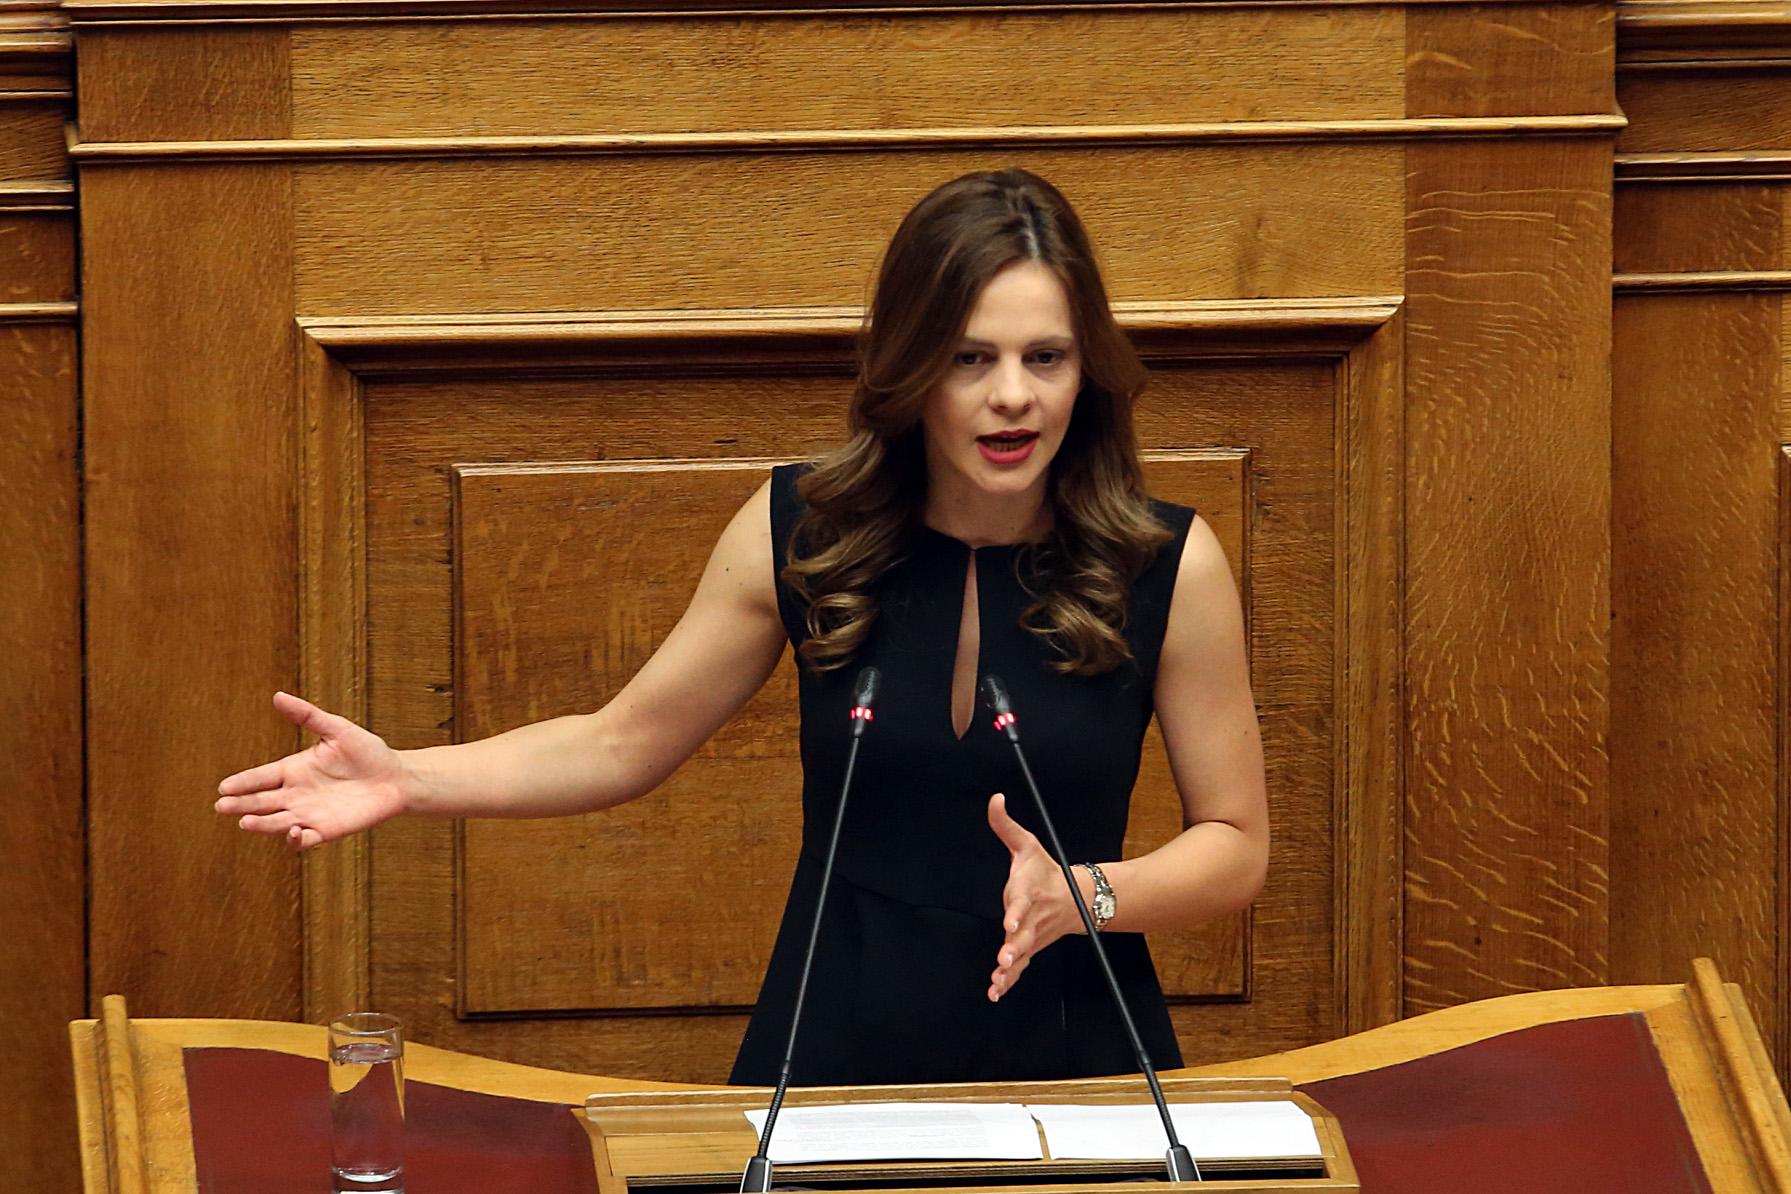 Θεσσαλονίκη: Αποδοκιμασίες σε Αχτσιόγλου για τη Β. Μακεδονία   tovima.gr